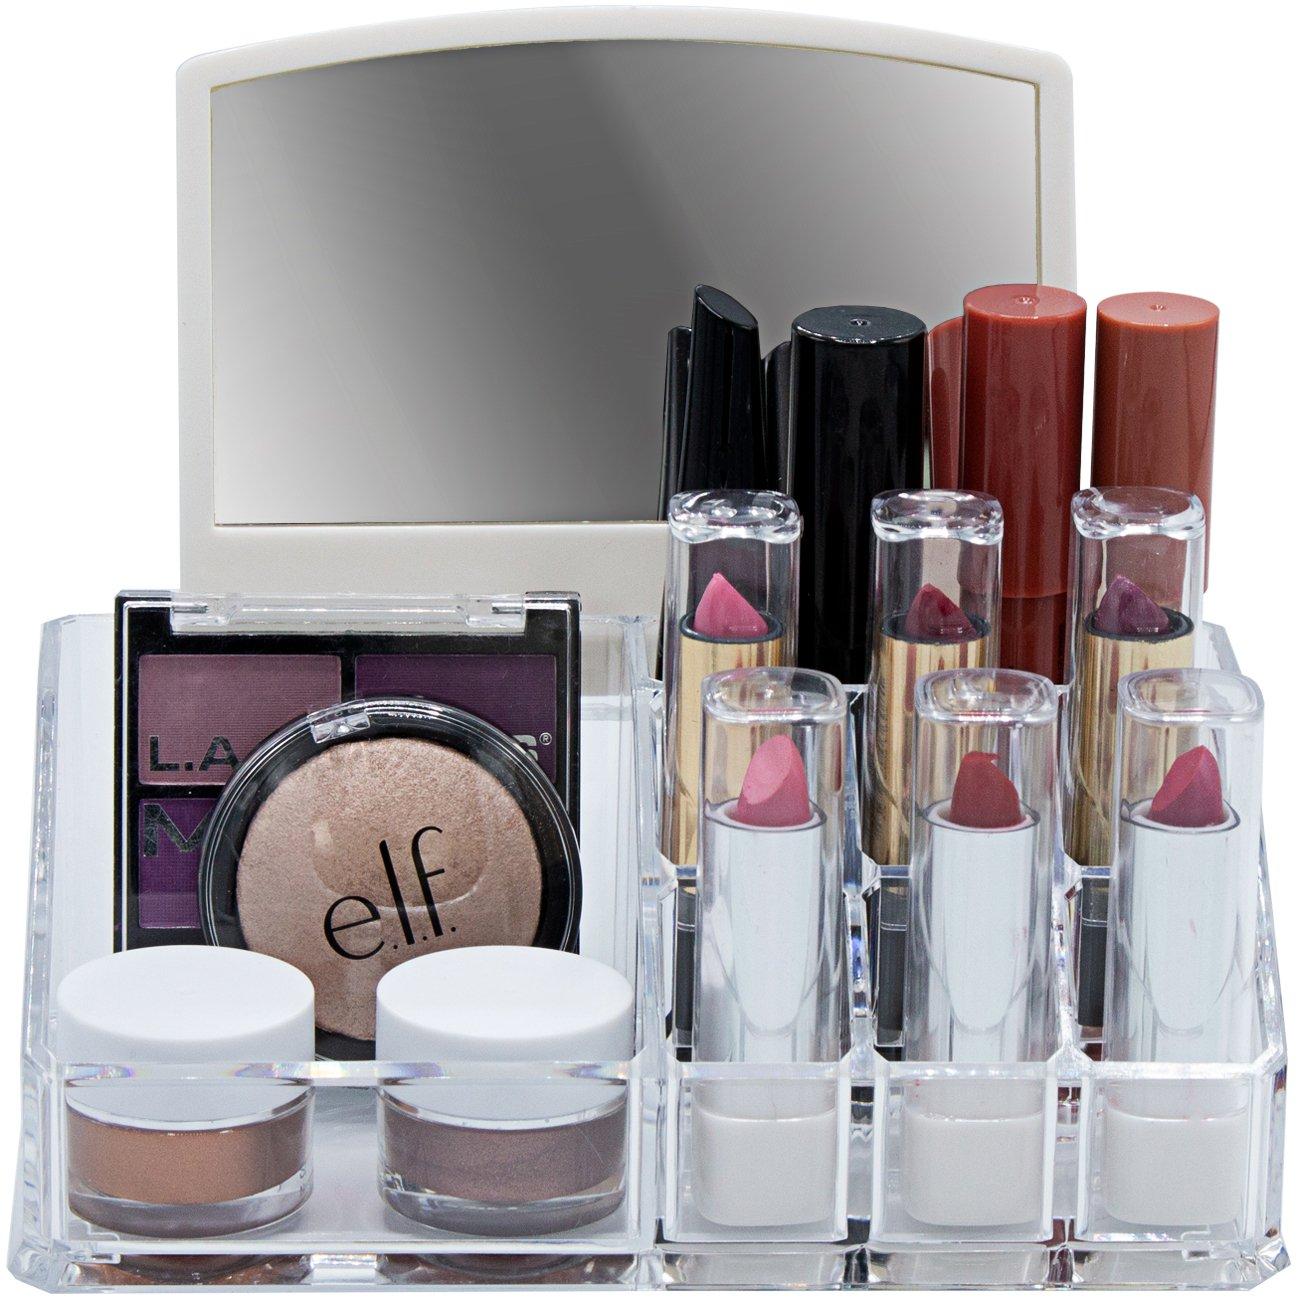 Amazon.com: Sorbus acrílico cosméticos organizador de ...